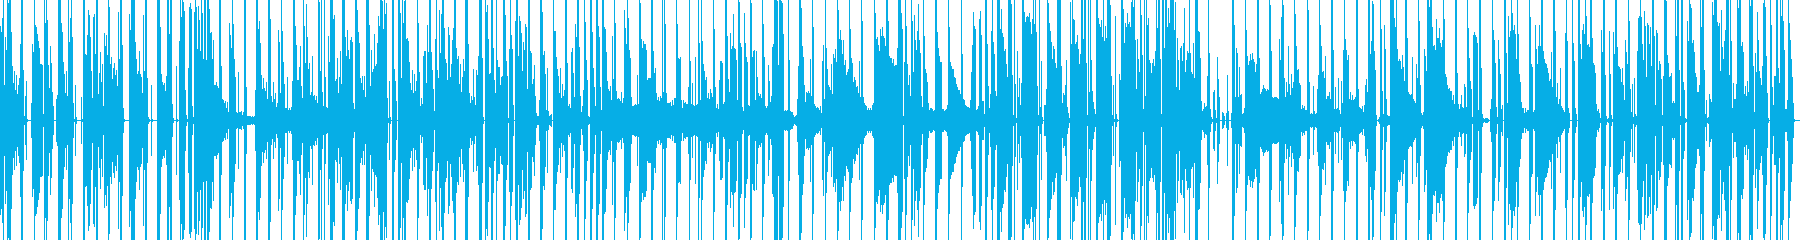 サラサラ ジャズ ファンク R&B...の再生済みの波形